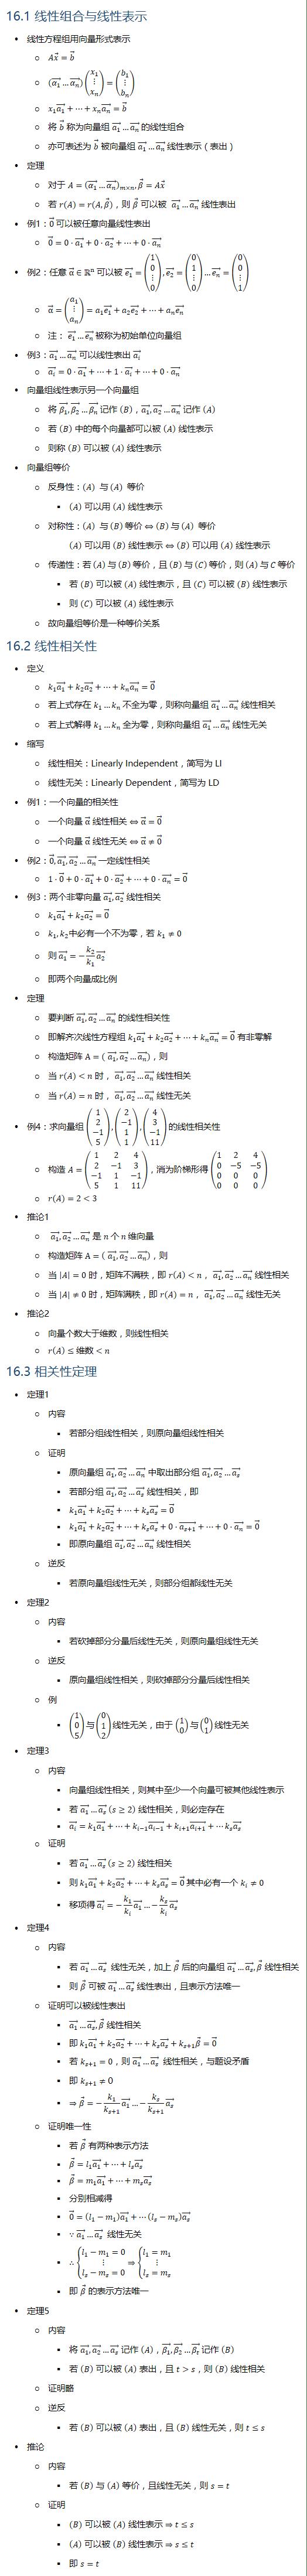 16.1 线性组合与线性表示 • 线性方程组用向量形式表示 ○ Ax ⃗=b ⃗ ○ ((α_1 ) ⃗…(α_n ) ⃗ )(■8(x_1@⋮@x_n ))=(■8(b_1@⋮@b_n )) ○ x_1 (a_1 ) ⃗+…+x_n (a_n ) ⃗=b ⃗ ○ 将 b ⃗ 称为向量组 (a_1 ) ⃗…(a_n ) ⃗ 的线性组合 ○ 亦可表述为 b ⃗ 被向量组 (a_1 ) ⃗…(a_n ) ⃗ 线性表示(表出) • 定理 ○ 对于 A=((α_1 ) ⃗…(α_n ) ⃗ )_(m×n), β ⃗=Ax ⃗ ○ 若 r(A)=r(A,β ⃗),则 β ⃗ 可以被 (a_1 ) ⃗…(a_n ) ⃗ 线性表出 • 例1:0 ⃗ 可以被任意向量线性表出 ○ 0 ⃗=0⋅(a_1 ) ⃗+0⋅(a_2 ) ⃗+…+0⋅(a_n ) ⃗ • 例2:任意 α ⃗∈Rn 可以被 (e_1 ) ⃗=(■8(1@0@⋮@0)),(e_2 ) ⃗=(■8(0@1@⋮@0))…(e_n ) ⃗=(■8(0@0@⋮@1)) ○ α ⃗=(■8(a_1@⋮@a_n ))=a_1 (e_1 ) ⃗+a_2 (e_2 ) ⃗+…+a_n (e_n ) ⃗ ○ 注: (e_1 ) ⃗…(e_n ) ⃗ 被称为初始单位向量组 • 例3:(a_1 ) ⃗…(a_n ) ⃗ 可以线性表出 (a_i ) ⃗ ○ (a_i ) ⃗=0⋅(a_1 ) ⃗+…+1⋅(a_i ) ⃗+…+0⋅(a_n ) ⃗ • 向量组线性表示另一个向量组 ○ 将 (β_1 ) ⃗,(β_2 ) ⃗…(β_n ) ⃗ 记作 (B),(a_1 ) ⃗,(a_2 ) ⃗…(a_n ) ⃗ 记作 (A) ○ 若 (B) 中的每个向量都可以被 (A) 线性表示 ○ 则称 (B) 可以被 (A) 线性表示 • 向量组等价 ○ 反身性:(A) 与 (A) 等价 § (A) 可以用 (A) 线性表示 ○ 对称性:(A) 与 (B) 等价⇔(B) 与 (A) 等价 (A) 可以用 (B) 线性表示 ⇔ (B) 可以用 (A) 线性表示 ○ 传递性:若 (A) 与 (B) 等价,且 (B) 与 (C) 等价,则 (A) 与 C 等价 § 若 (B) 可以被 (A) 线性表示,且 (C) 可以被 (B) 线性表示 § 则 (C) 可以被 (A) 线性表示 ○ 故向量组等价是一种等价关系 16.2 线性相关性 • 定义 ○ k_1 (a_1 ) ⃗+k_2 (a_2 ) ⃗+…+k_n (a_n ) ⃗=0 ⃗ ○ 若上式存在 k_1…k_n 不全为零,则称向量组 (a_1 ) ⃗…(a_n ) ⃗ 线性相关 ○ 若上式解得 k_1…k_n 全为零,则称向量组 (a_1 ) ⃗…(a_n ) ⃗ 线性无关 • 缩写 ○ 线性相关:Linearly Independent,简写为 LI ○ 线性无关:Linearly Dependent,简写为 LD • 例1:一个向量的相关性 ○ 一个向量 α ⃗ 线性相关 ⇔ α ⃗=0 ⃗ ○ 一个向量 α ⃗ 线性无关 ⇔ α ⃗≠0 ⃗ • 例2:0 ⃗,(a_1 ) ⃗,(a_2 ) ⃗…(a_n ) ⃗ 一定线性相关 ○ 1⋅0 ⃗+0⋅(a_1 ) ⃗+0⋅(a_2 ) ⃗+…+0⋅(a_n ) ⃗=0 ⃗ • 例3:两个非零向量 (a_1 ) ⃗,(a_2 ) ⃗ 线性相关 ○ k_1 (a_1 ) ⃗+k_2 (a_2 ) ⃗=0 ⃗ ○ k_1,k_2 中必有一个不为零,若 k_1≠0 ○ 则 (a_1 ) ⃗=−k_2/k_1 (a_2 ) ⃗ ○ 即两个向量成比例 • 定理 ○ 要判断 (a_1 ) ⃗,(a_2 ) ⃗…(a_n ) ⃗ 的线性相关性 ○ 即解齐次线性方程组 k_1 (a_1 ) ⃗+k_2 (a_2 ) ⃗+…+k_n (a_n ) ⃗=0 ⃗ 有非零解 ○ 构造矩阵 A=( (a_1 ) ⃗,(a_2 ) ⃗…(a_n ) ⃗ ),则 ○ 当 r(A)<n 时, (a_1 ) ⃗,(a_2 ) ⃗…(a_n ) ⃗ 线性相关 ○ 当 r(A)=n 时, (a_1 ) ⃗,(a_2 ) ⃗…(a_n ) ⃗ 线性无关 • 例4:求向量组 (■8(1@2@−1@5)),(■8(2@−1@1@1)),(■8(4@3@−1@11)) 的线性相关性 ○ 构造 A=(■8(1&2&4@2&−1&3@−1&1&−1@5&1&11)),消为阶梯形得 (■8(1&2&4@0&−5&−5@0&0&0@0&0&0)) ○ r(A)=2<3 • 推论1 ○ (a_1 ) ⃗,(a_2 ) ⃗…(a_n ) ⃗ 是 n 个 n 维向量 ○ 构造矩